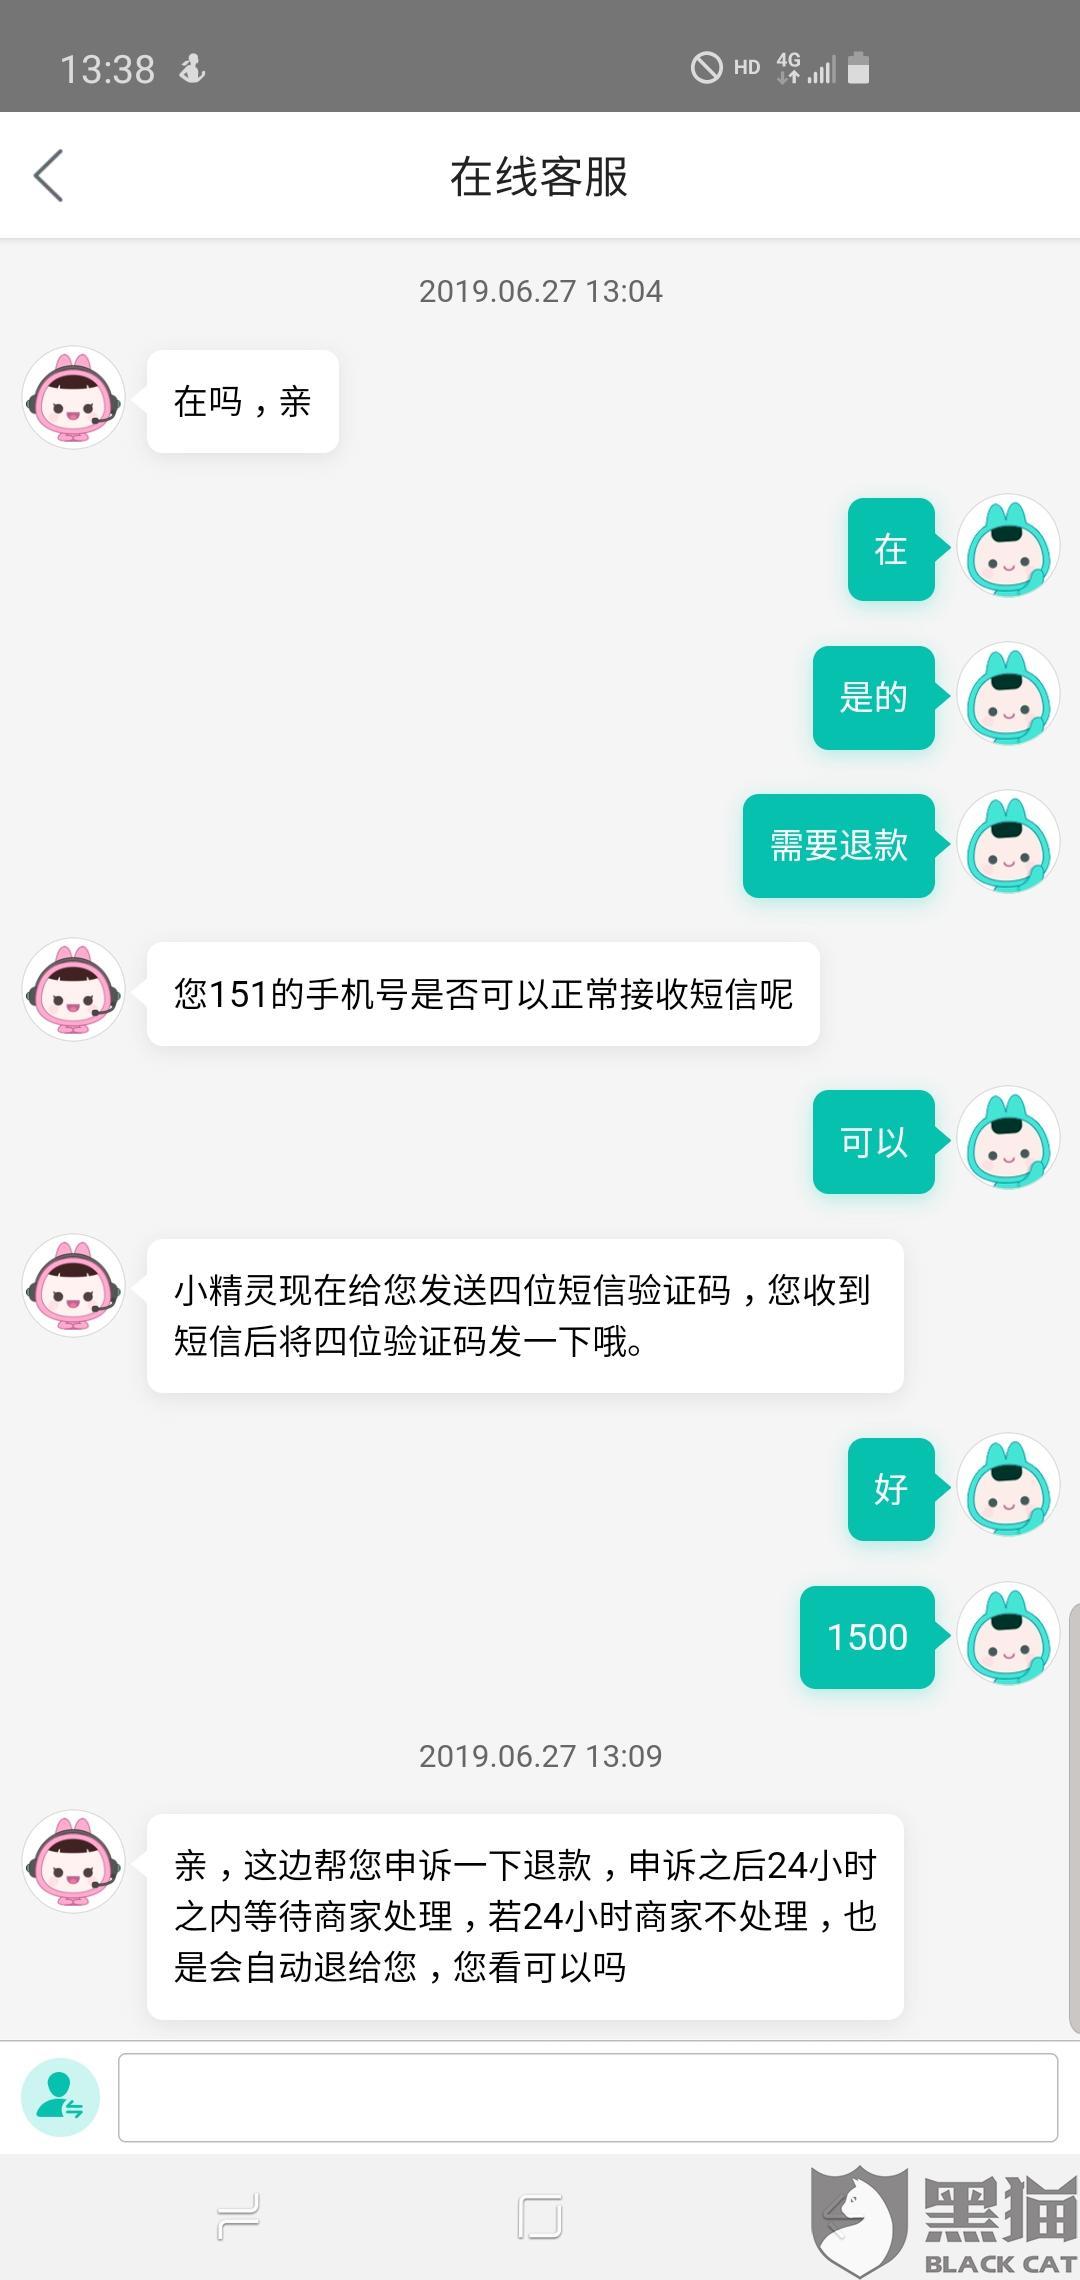 黑貓投訴:帝豪 派普娛樂ktv不退款(已解決)